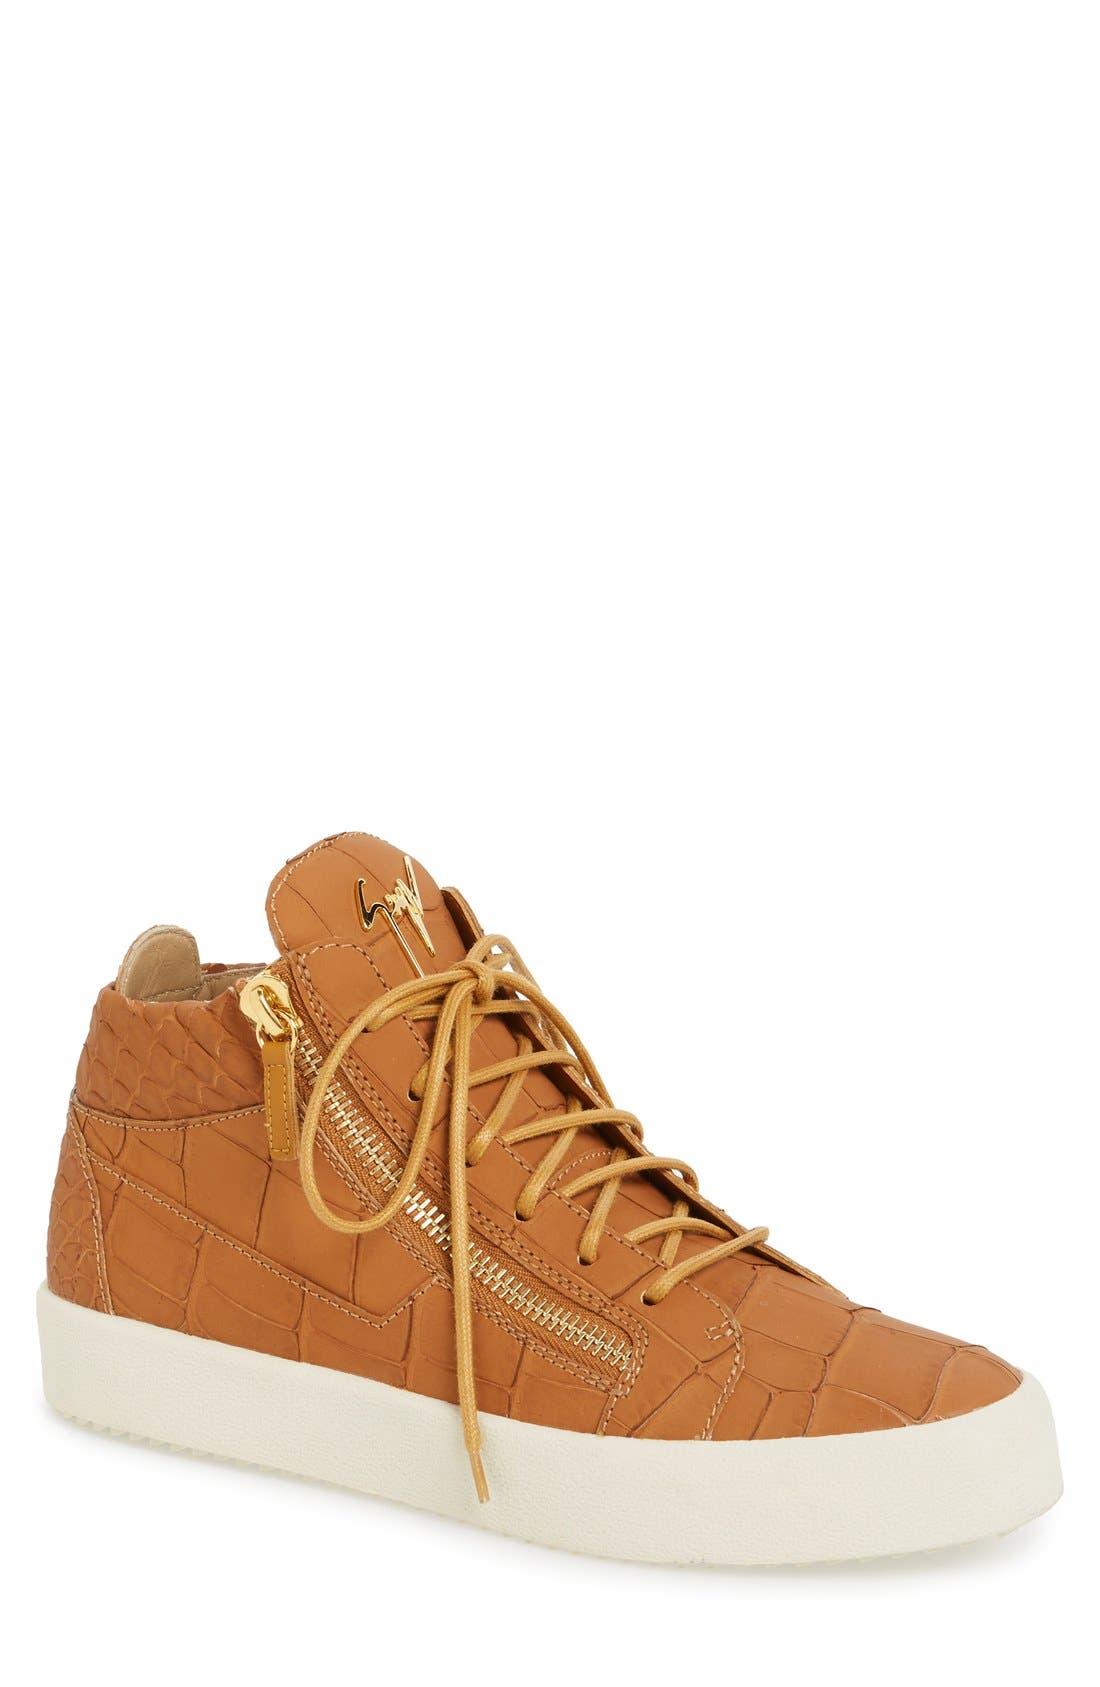 GIUSEPPE ZANOTTI Embossed Mid Top Sneaker